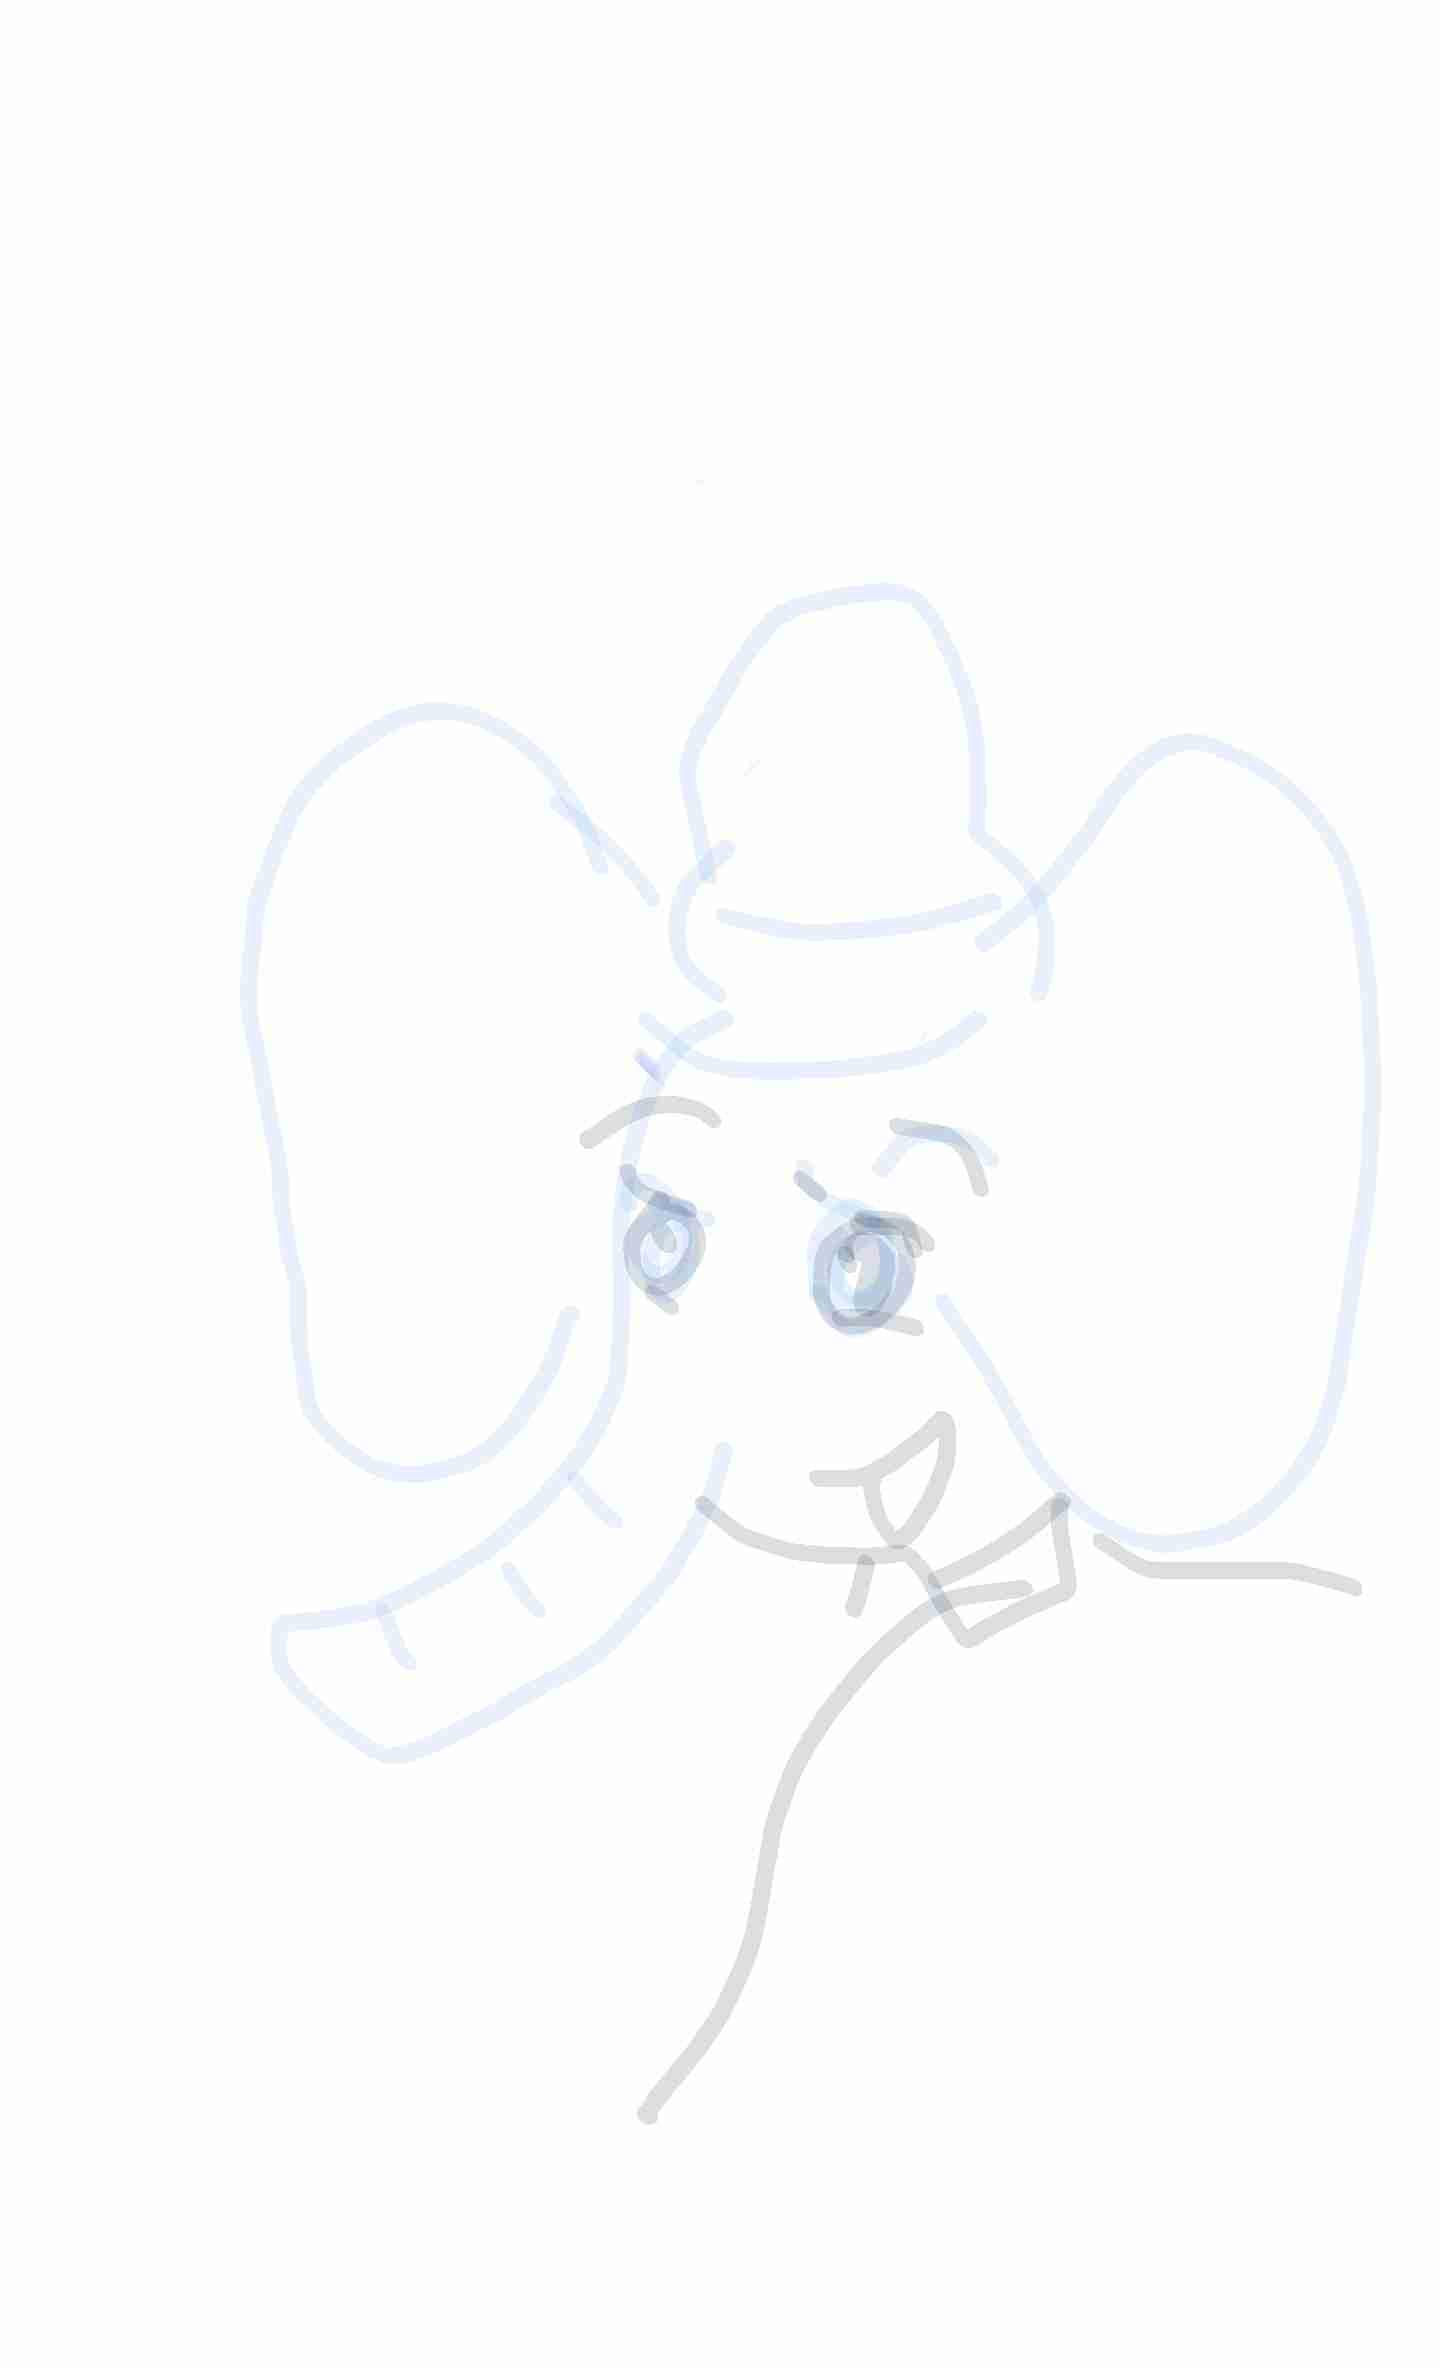 【お題】記憶だけでお絵描きしましょう【リクエスト】